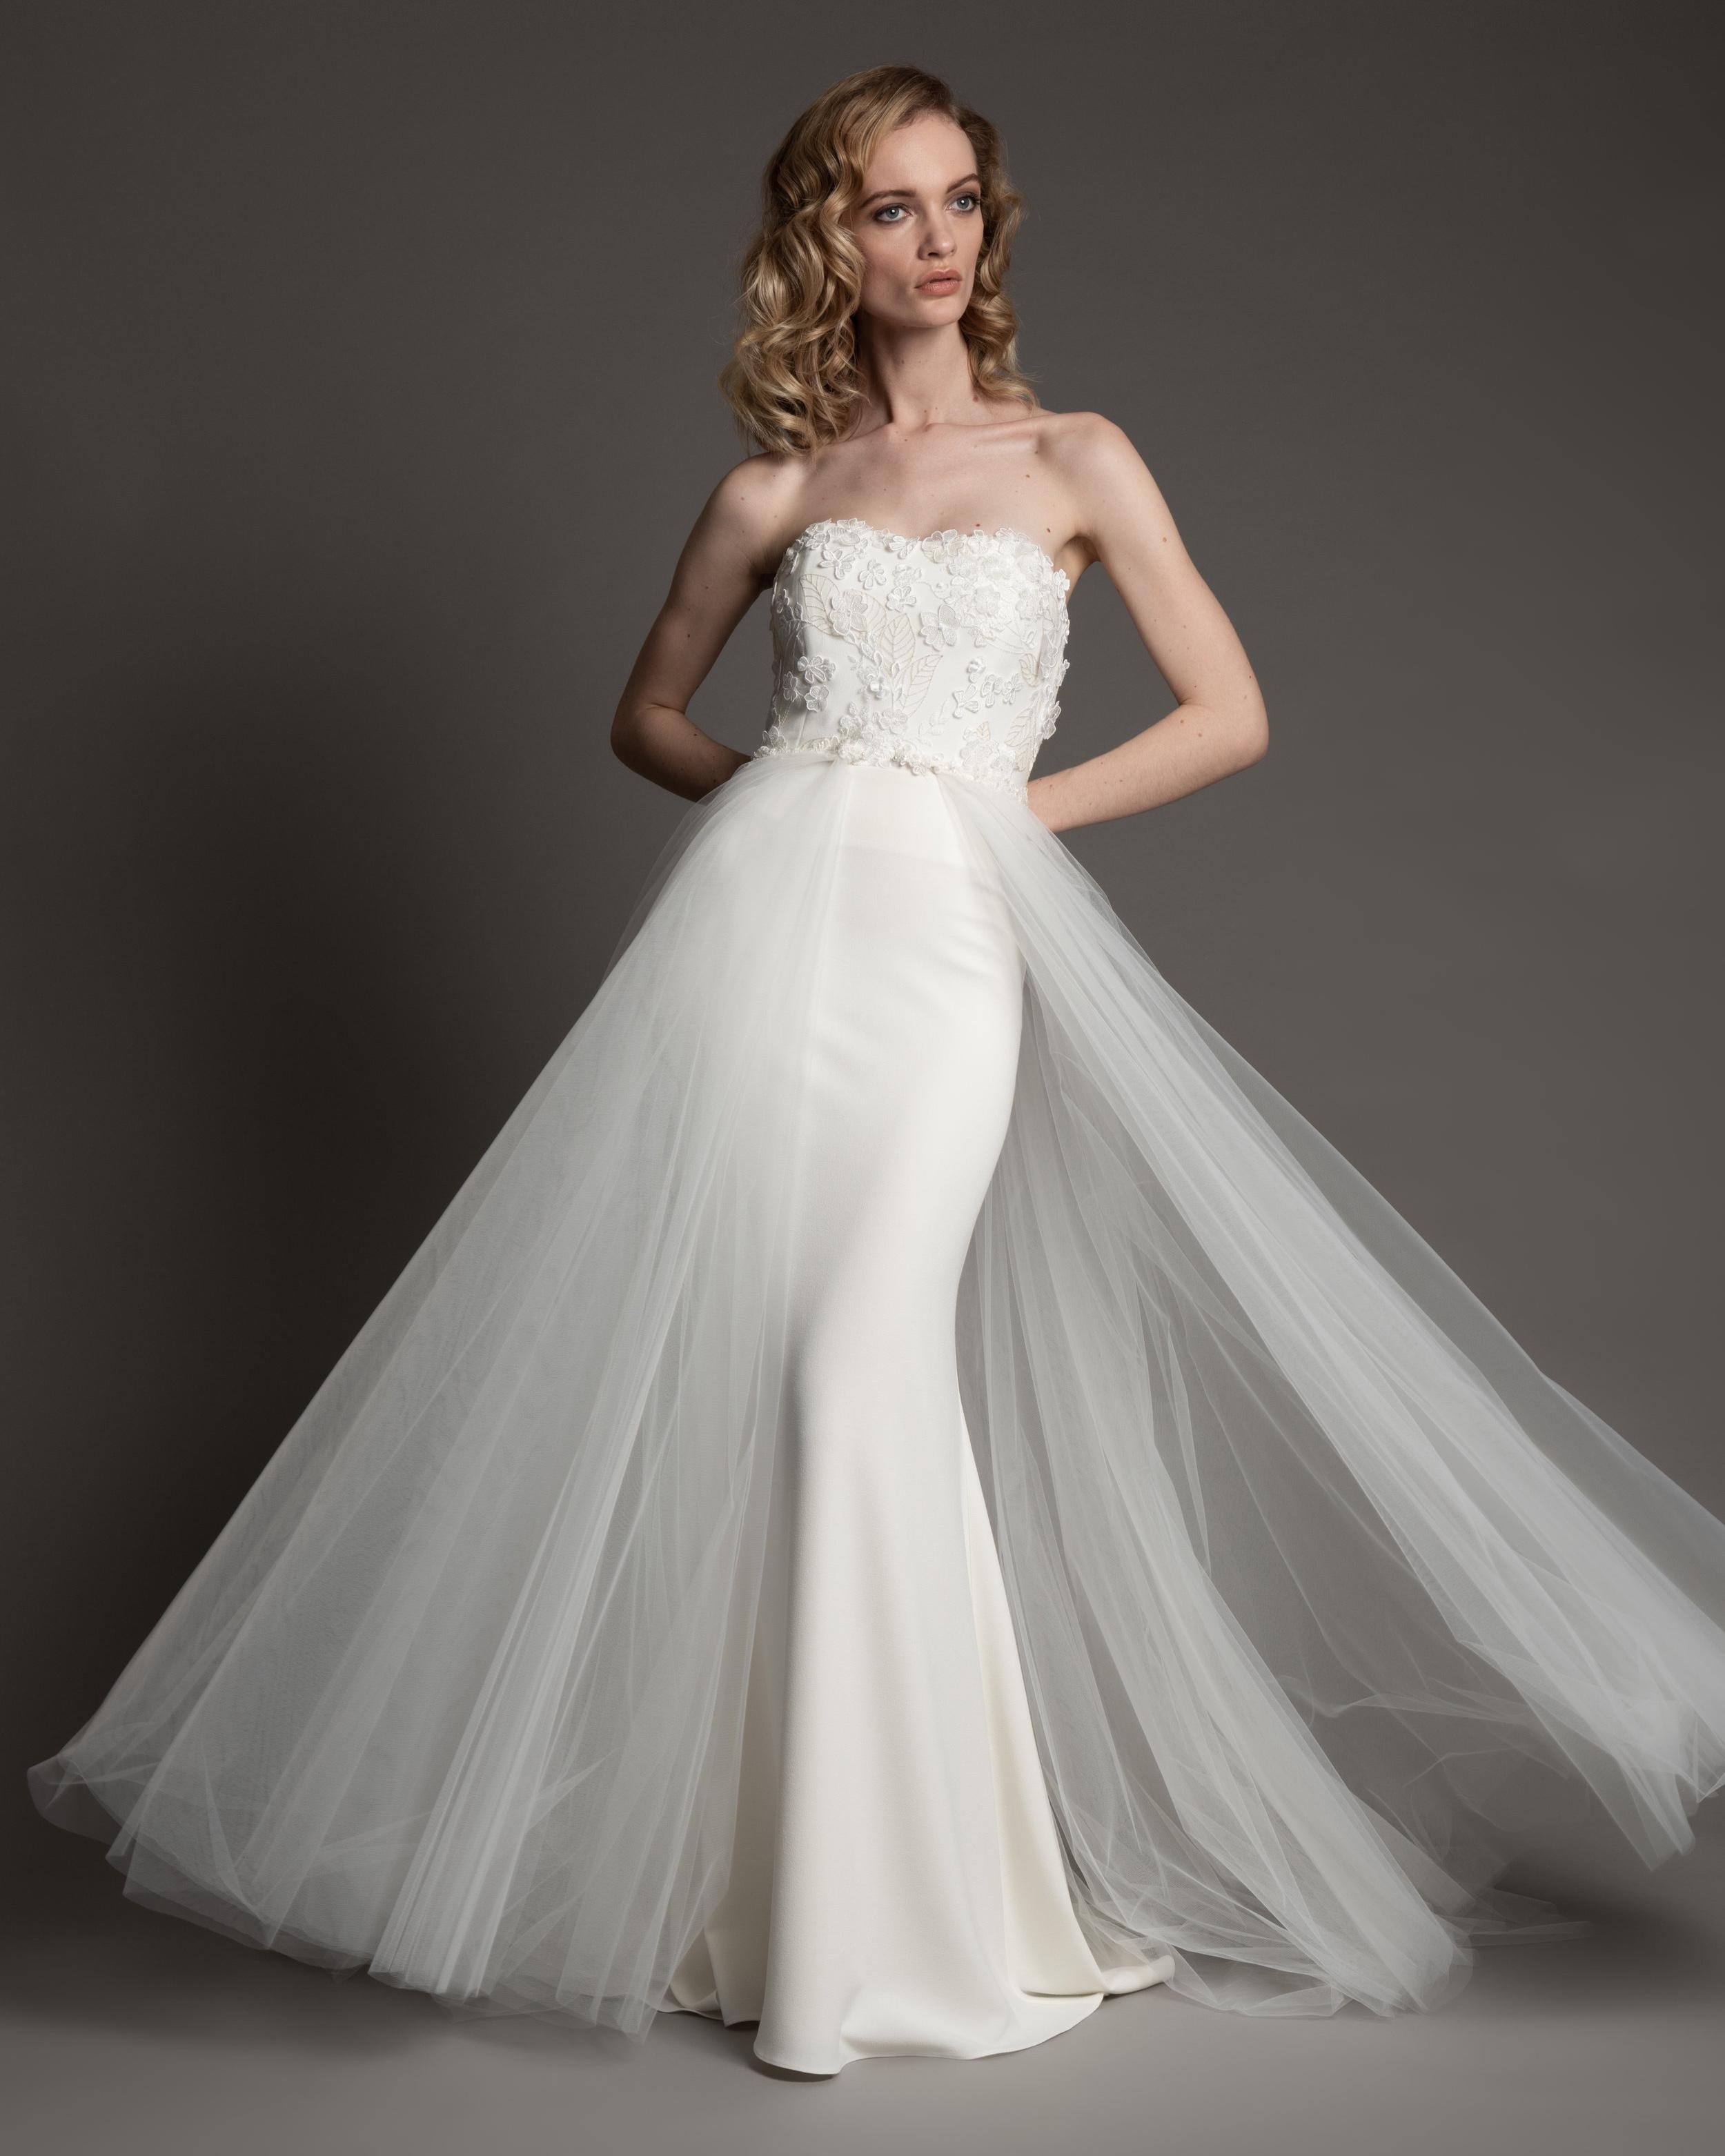 Elle & Annabel Wedding Dress and Tulle Skirt